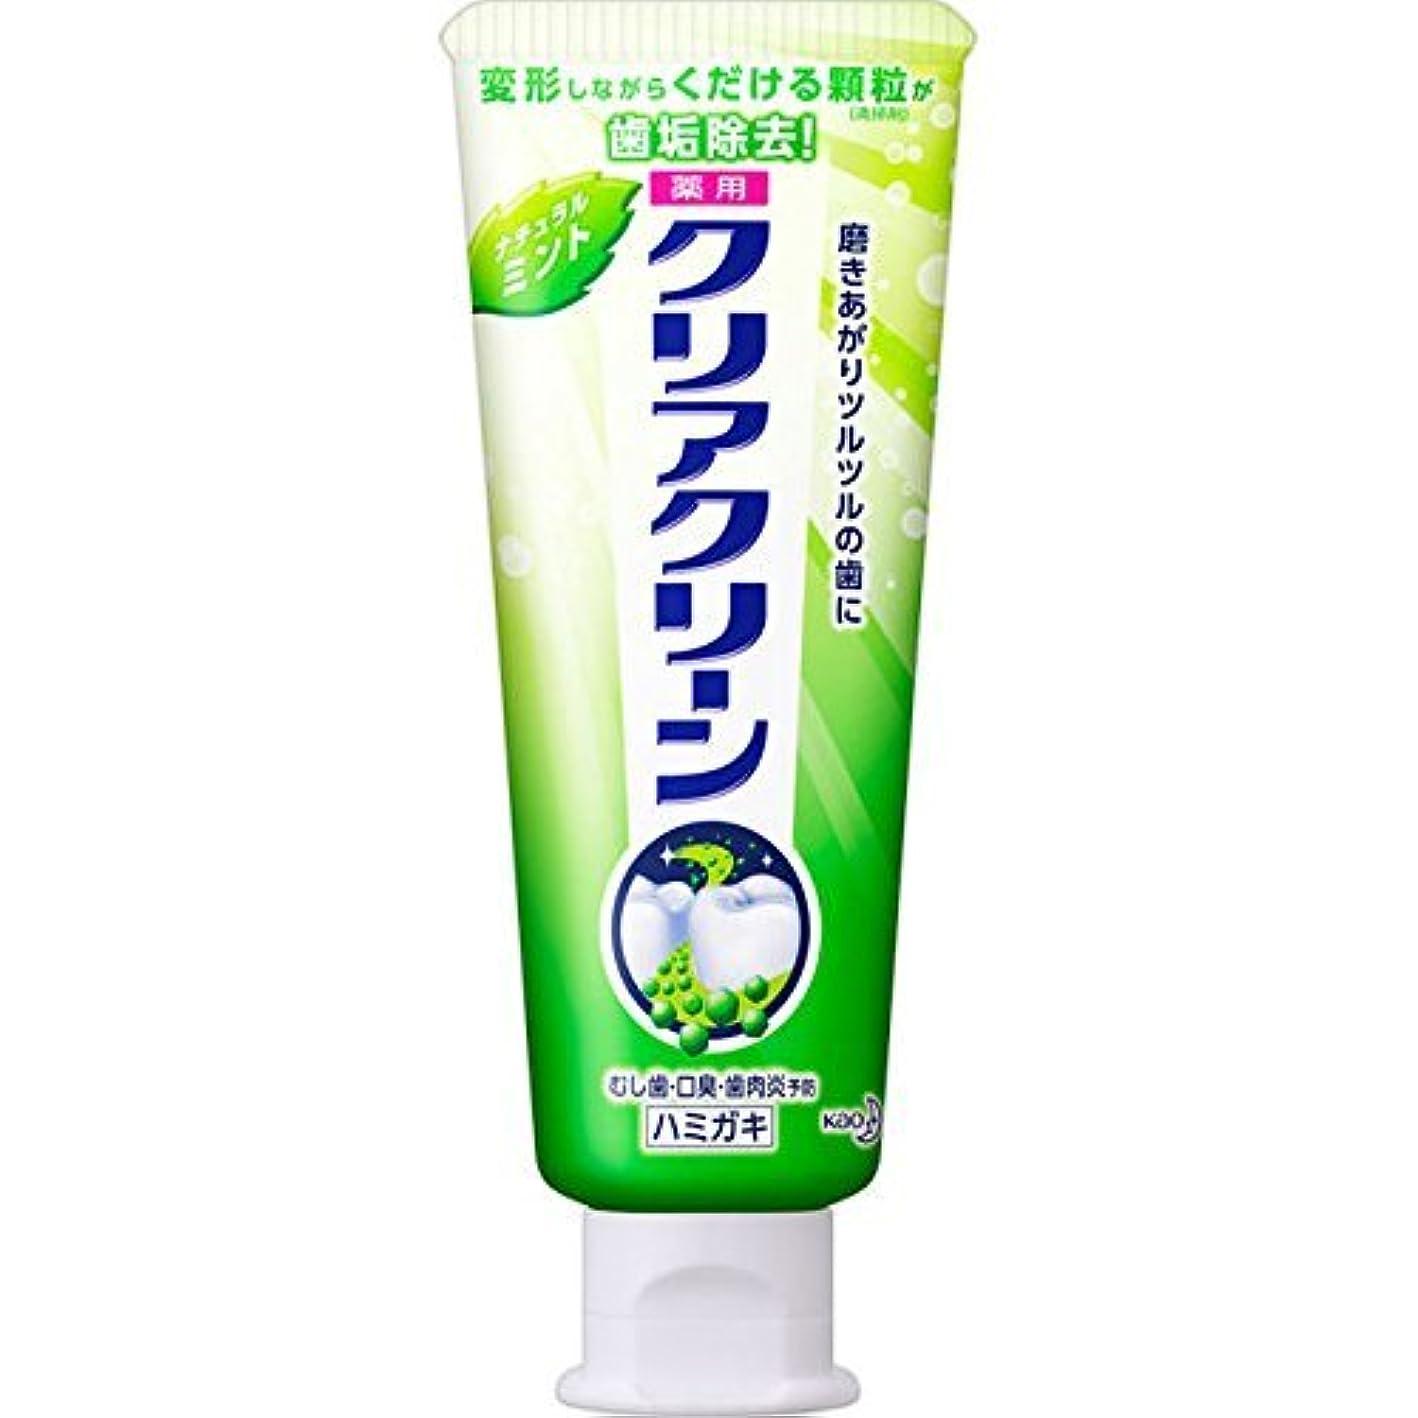 蛇行誘う着実に花王 クリアクリーンナチュラルミント小 80g (医薬部外品)